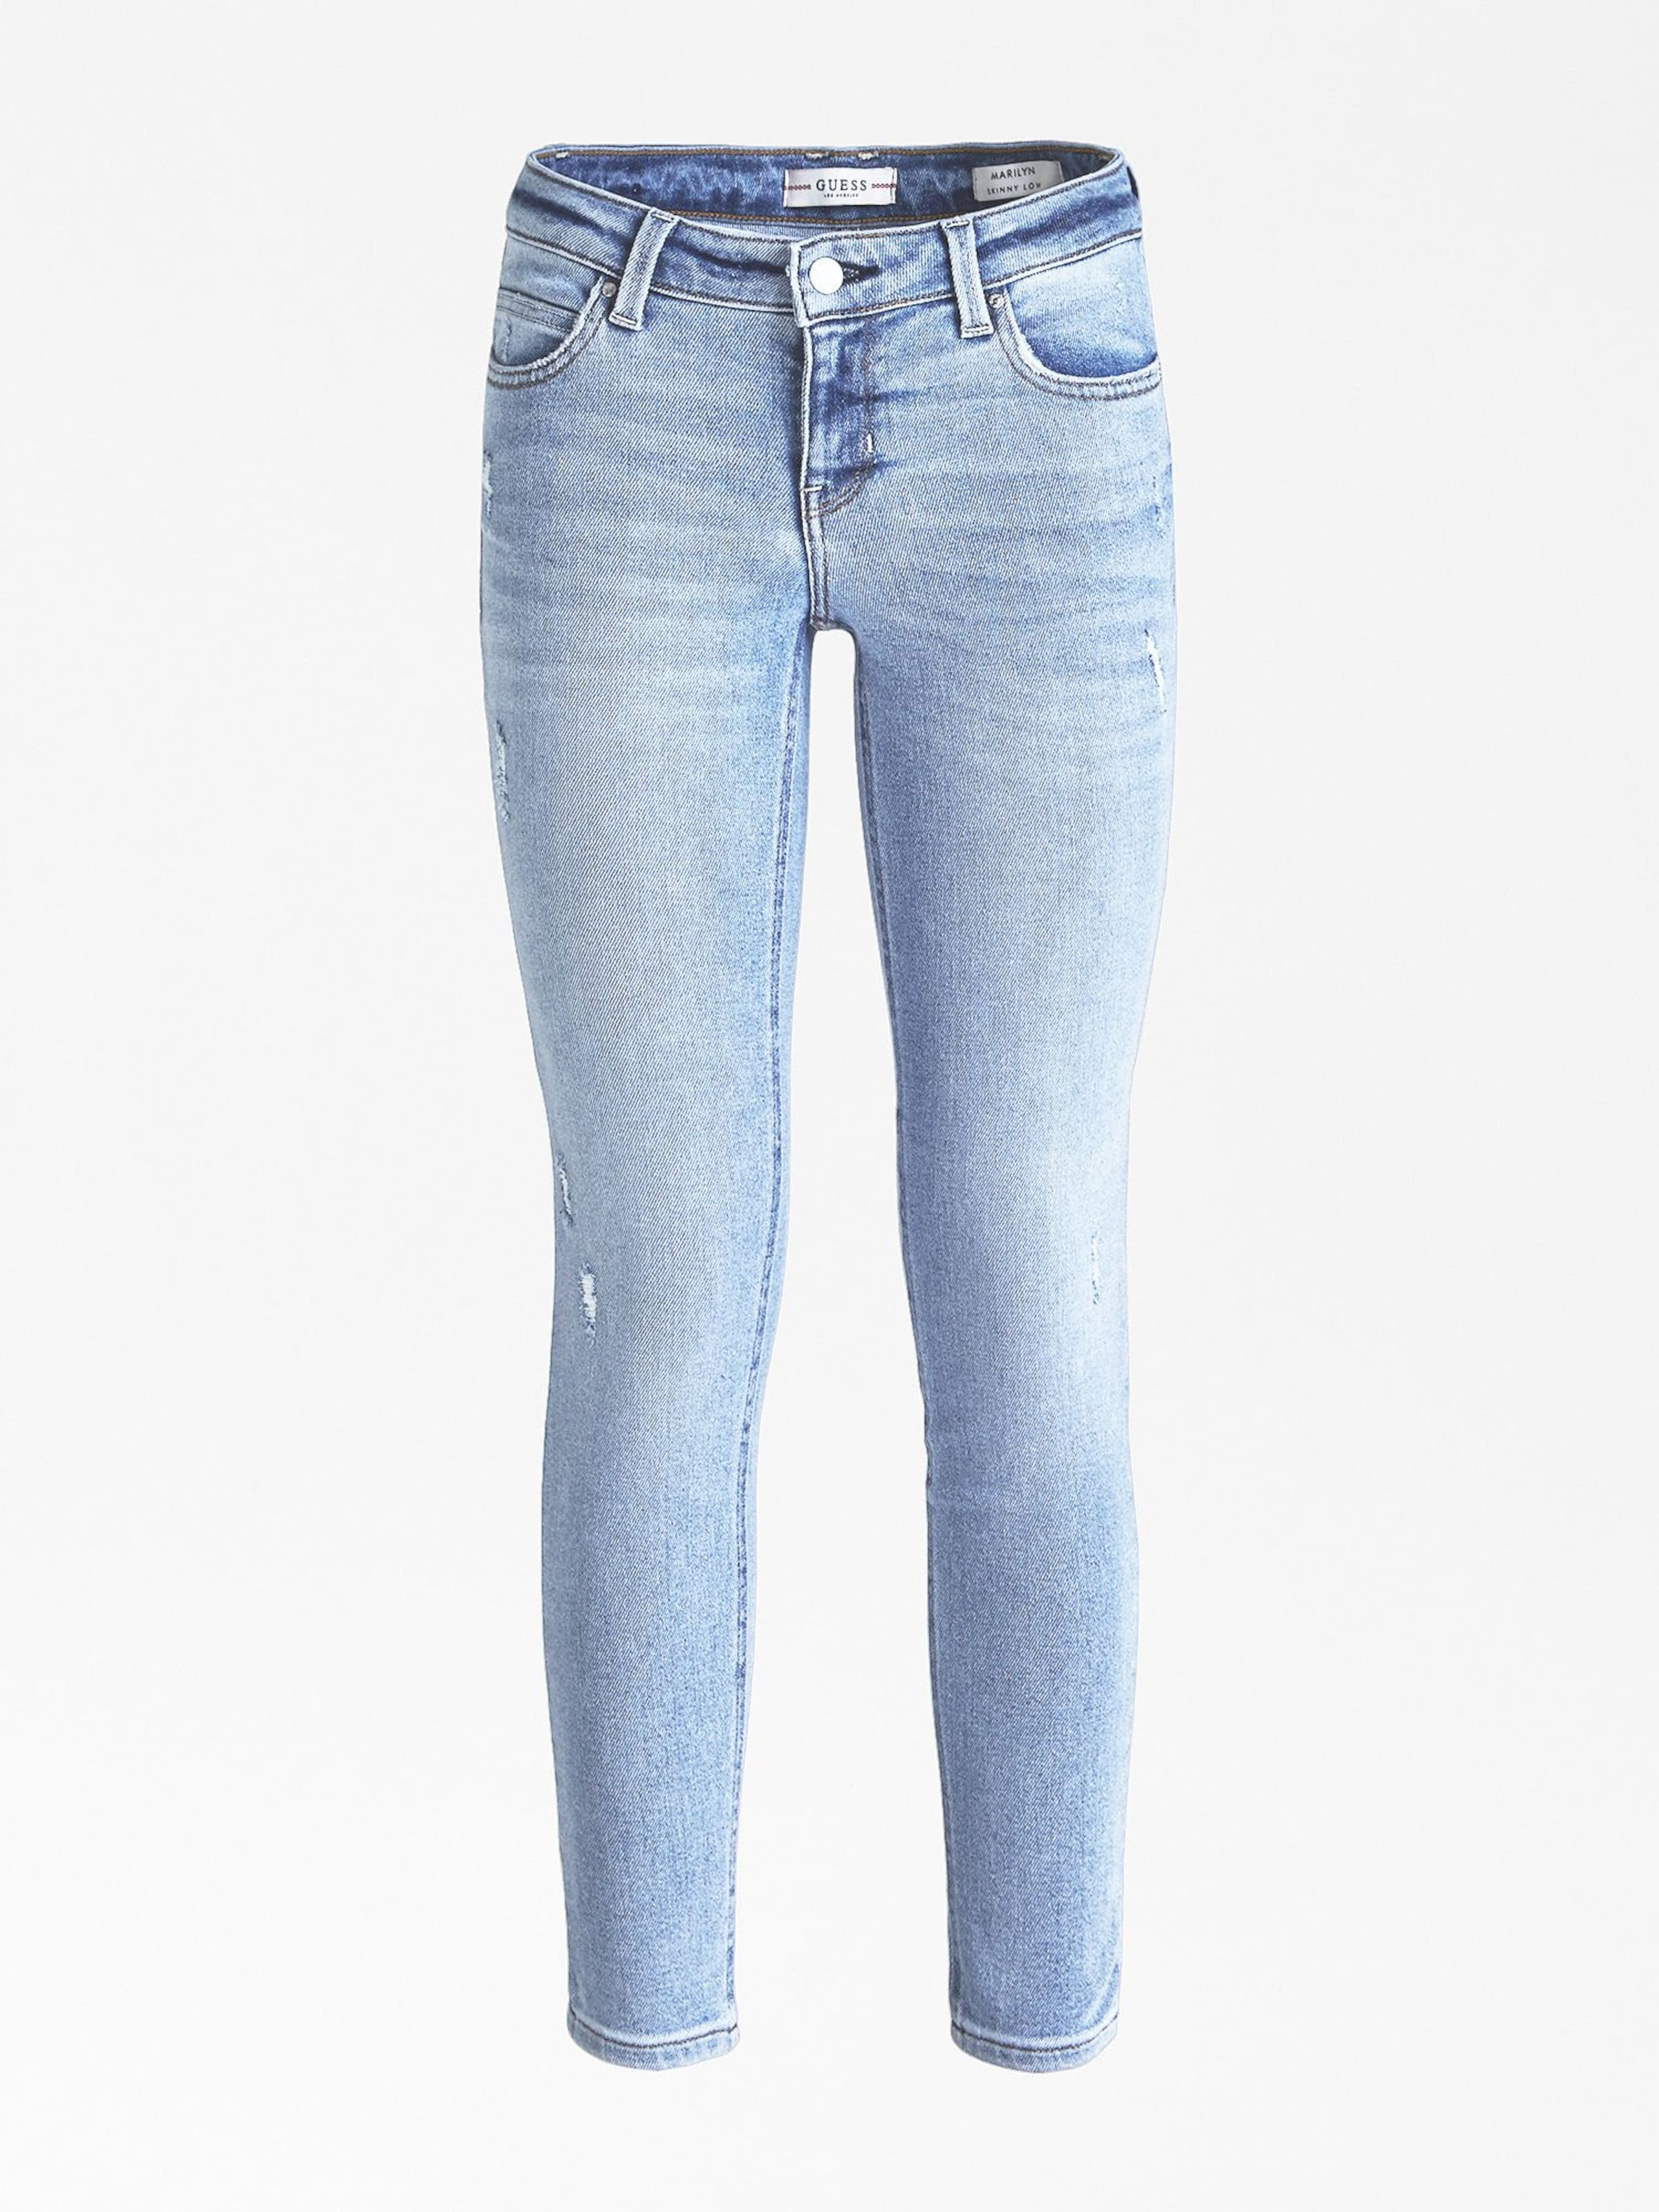 Guess Jeans Denim Blue Guess Blue Guess In Jeans Denim Jeans In In 54jqSALc3R